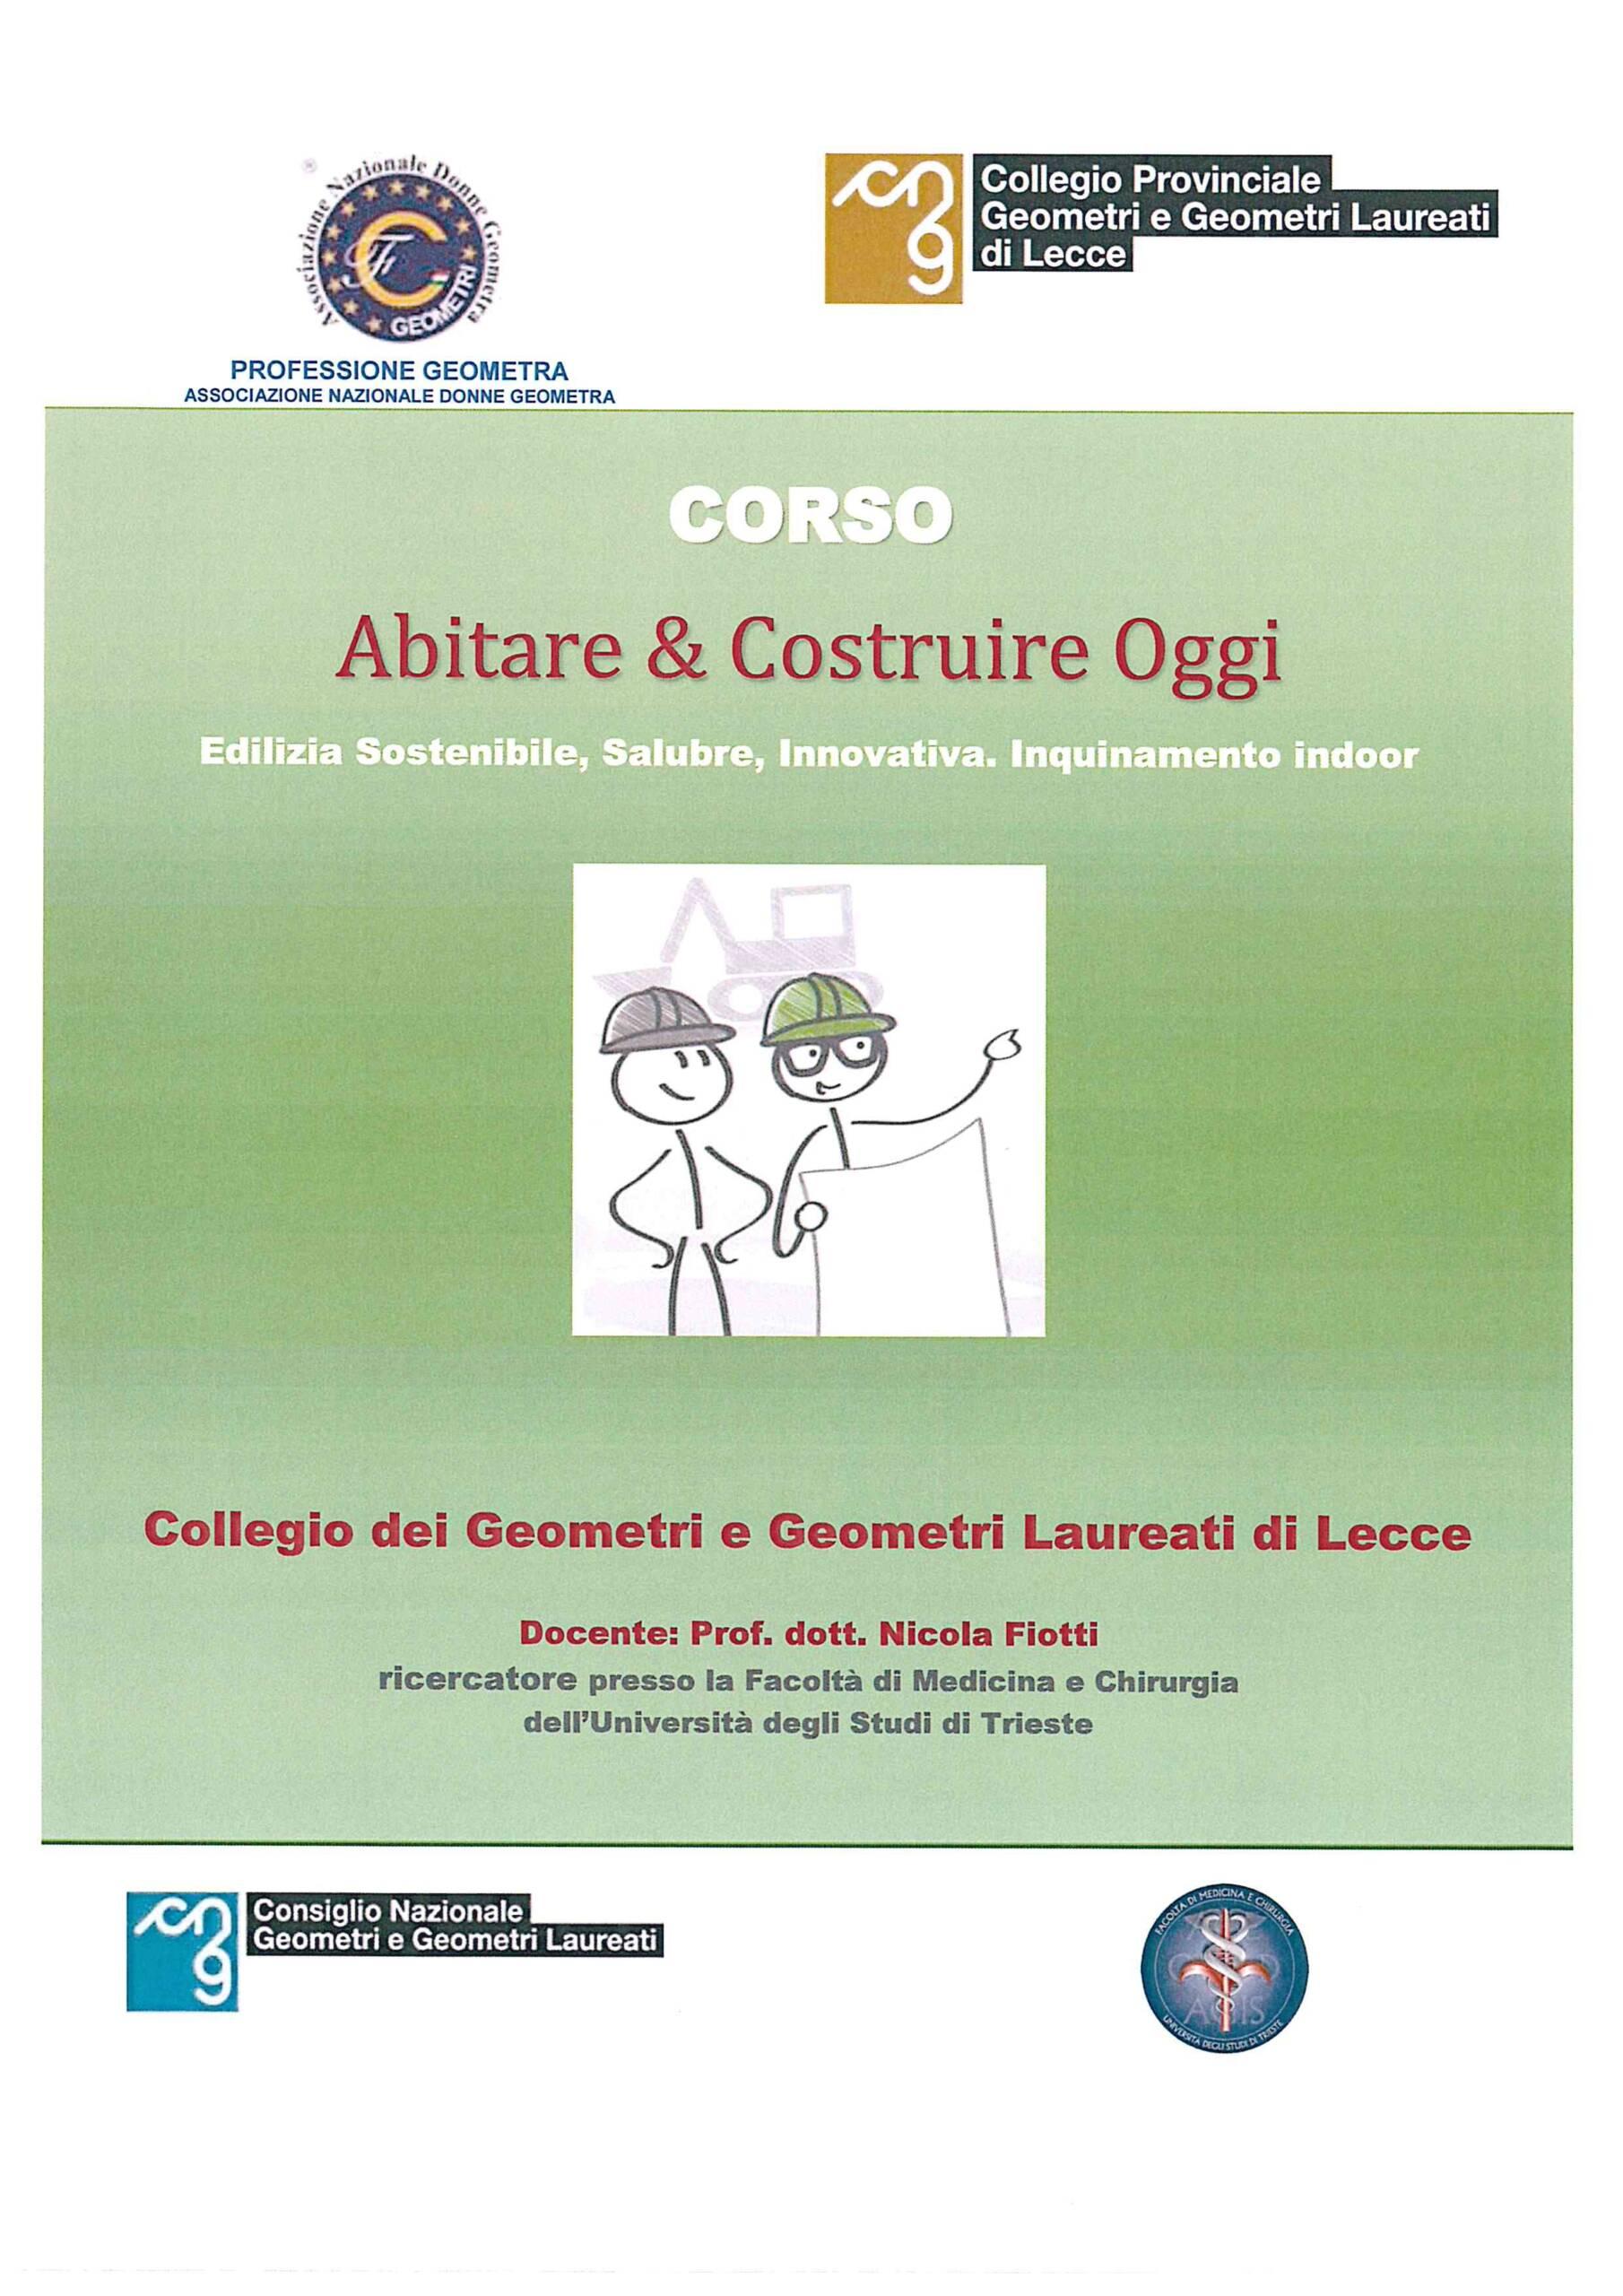 Corso ABITARE E COSTRUIRE OGGI – Lecce 30/06/2018